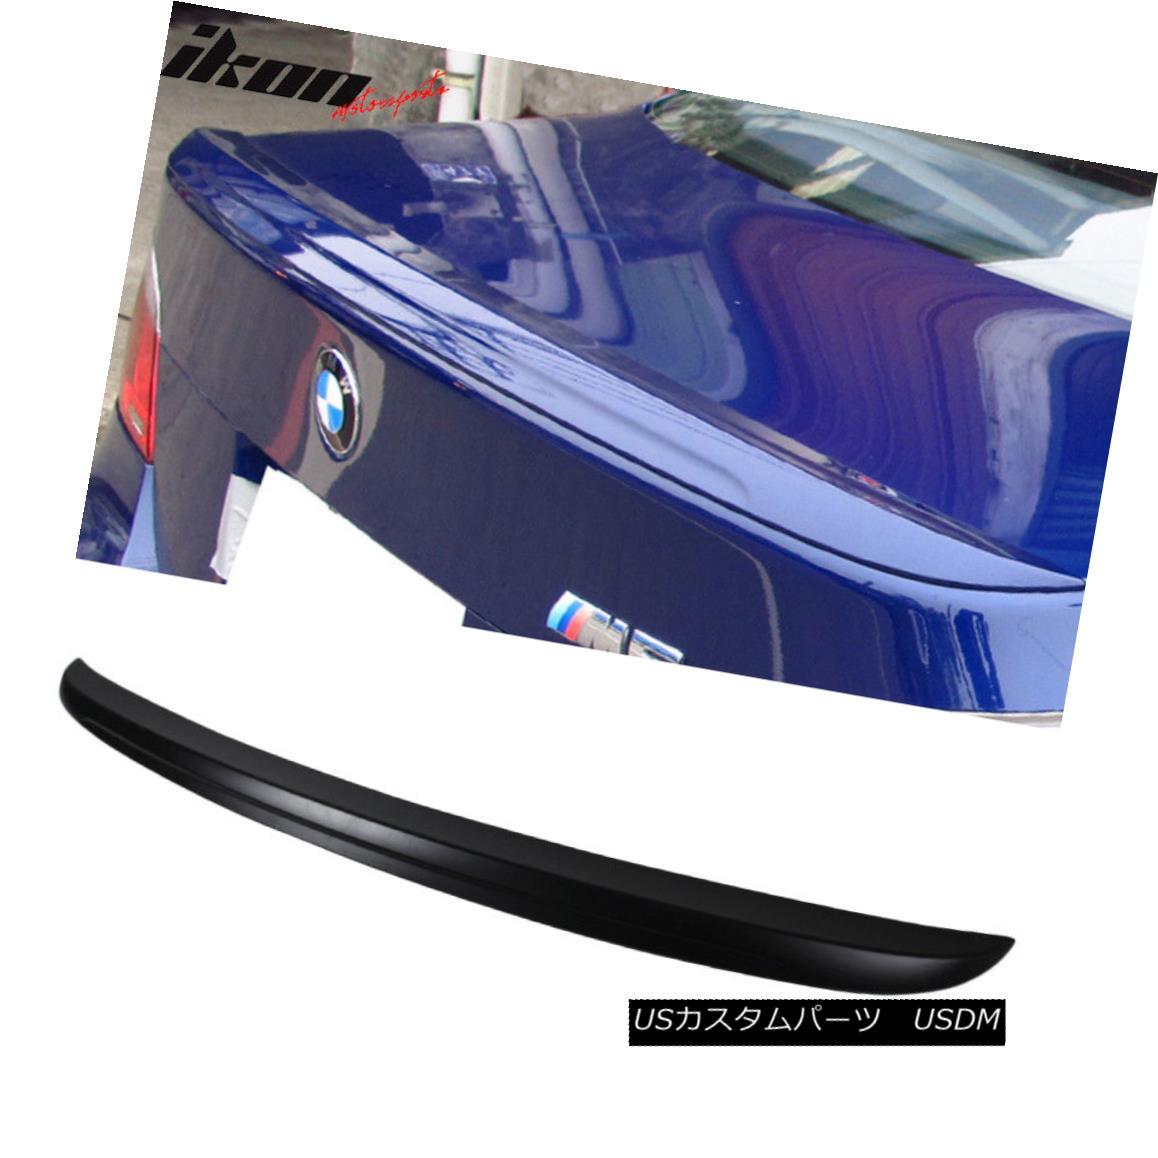 エアロパーツ 04-10 BMW E60 5-Series Sedan M5 Style Trunk Spoiler Wing ABS 04-10 BMW E60 5シリーズセダンM5スタイルトランクスポイラーウィングABS